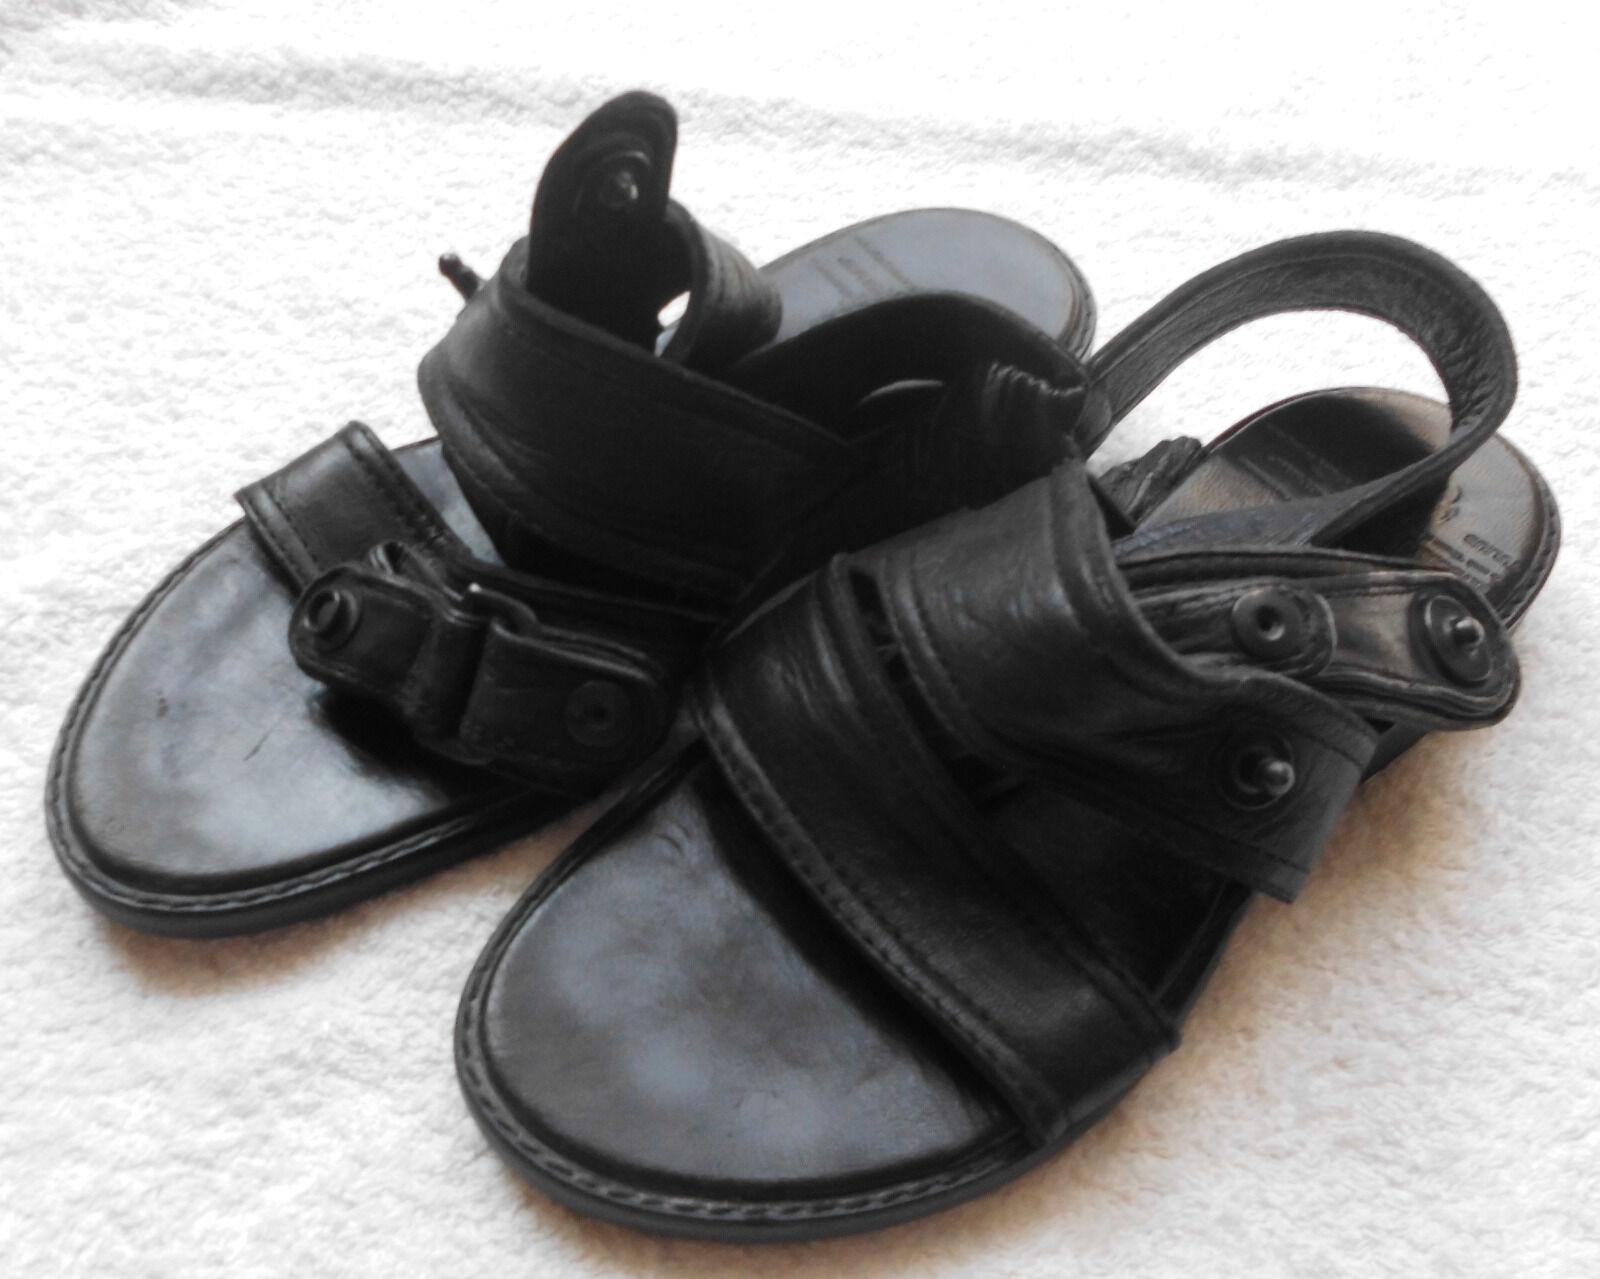 Julius 7 Sandale schwarz Leder 387FWM1 Größe 1